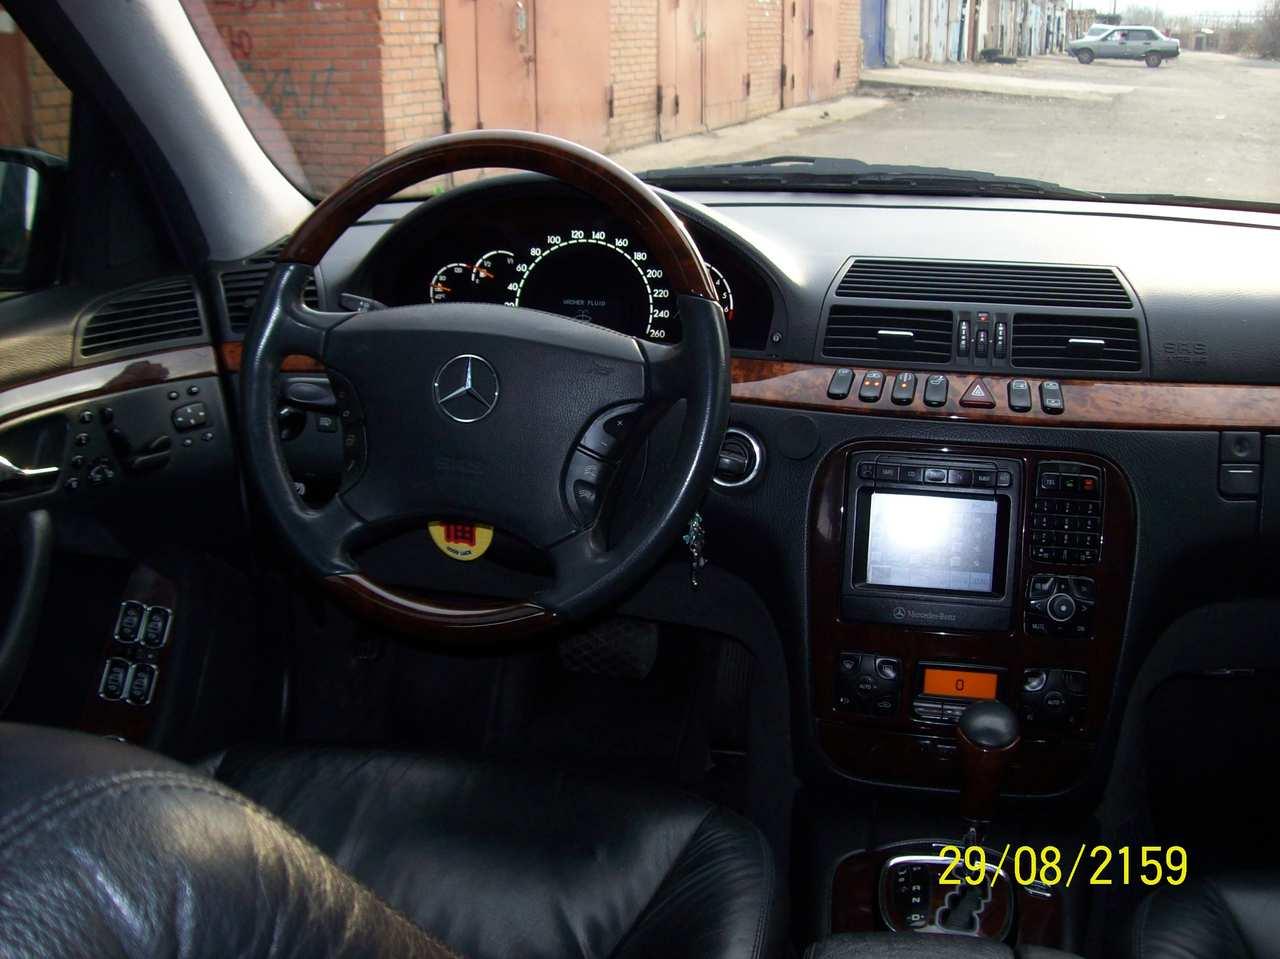 2003 mercedes benz s class for sale 5 4 gasoline fr or. Black Bedroom Furniture Sets. Home Design Ideas